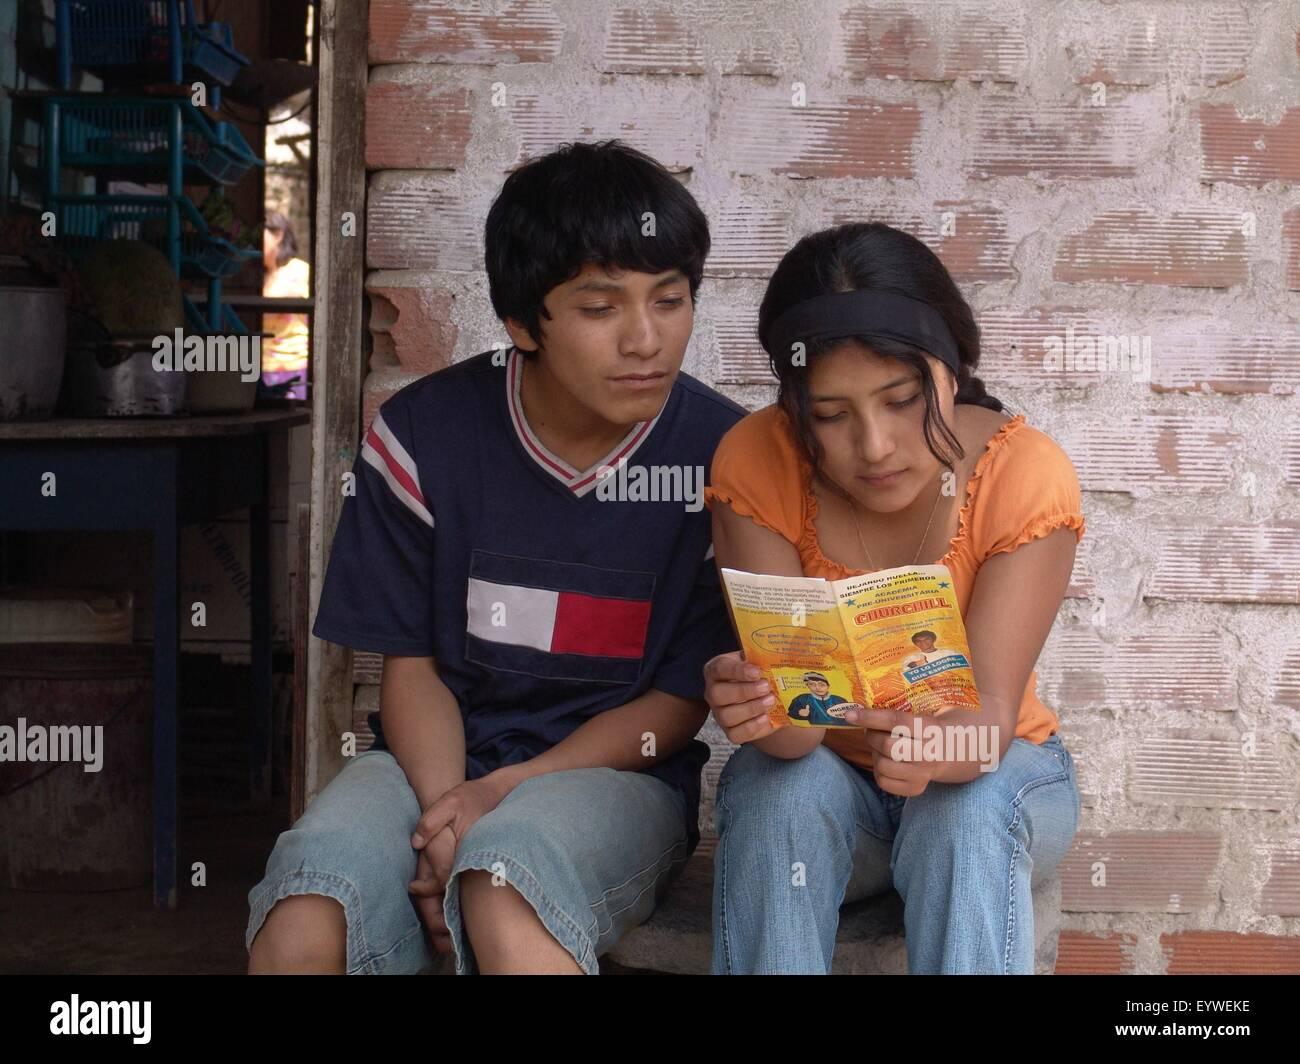 Paraiso ; Año : 2009 Perú ; Director : Héctor Gálvez ; Yiliana Chong Imagen De Stock